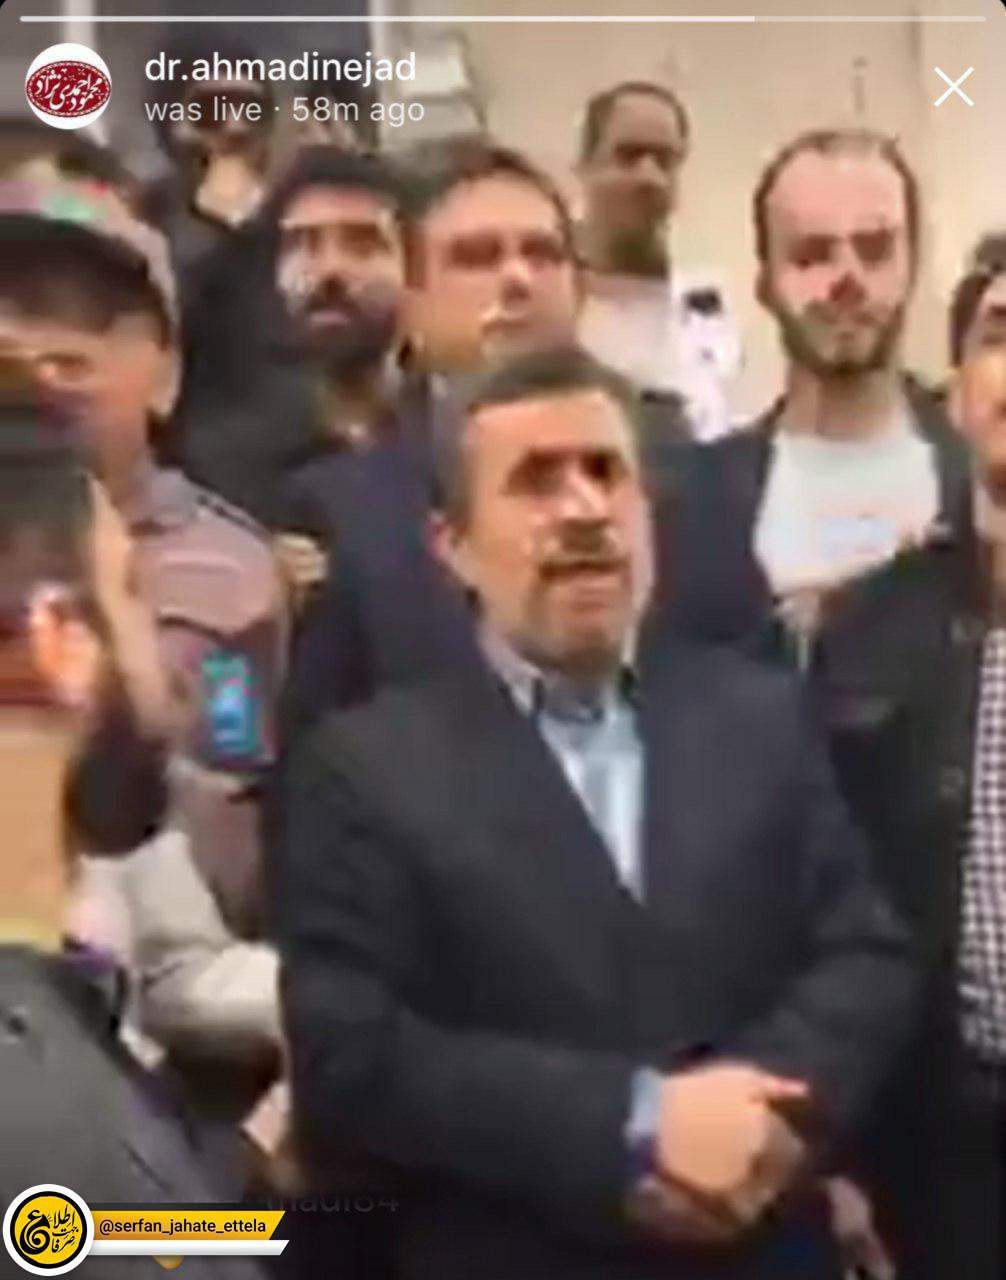 احمدی نژاد و مشایی در جلسه دادگاه تجدیدنظر بقایی (معاون احمدی نژاد) حضور یافتند